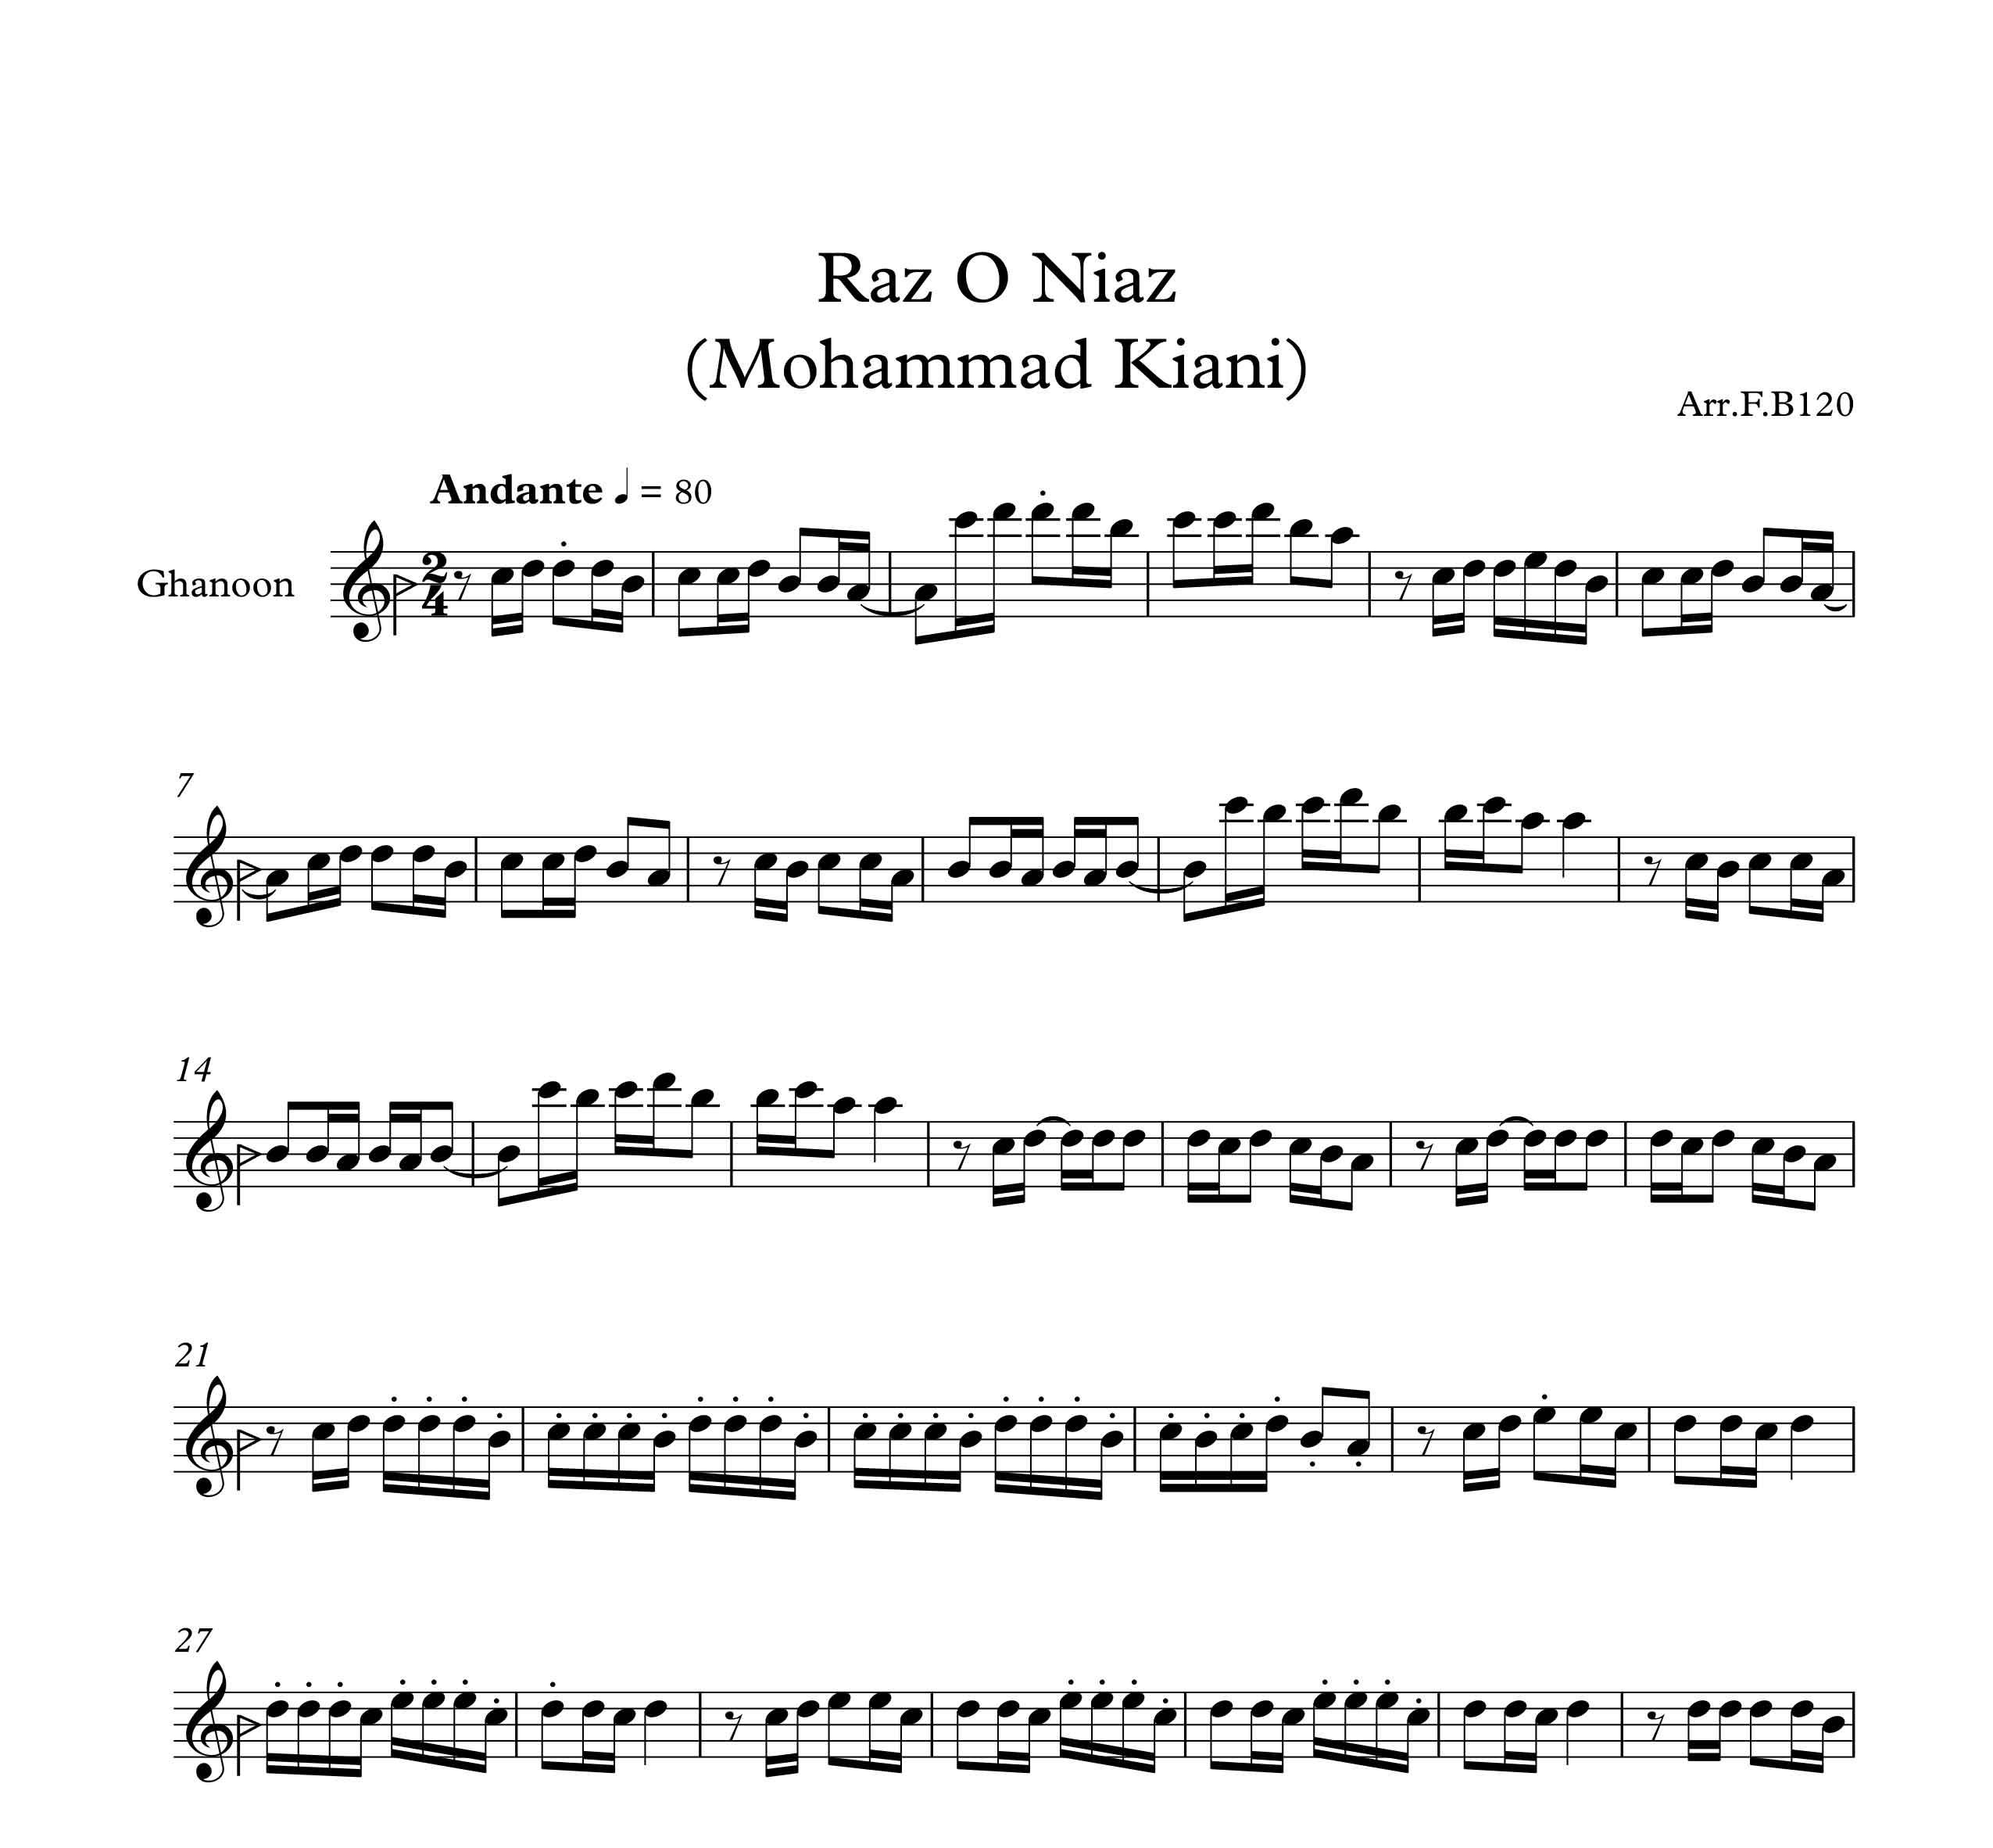 نت قانون آهنگ راز و نیاز اثر محمد علی کیانی نژاد